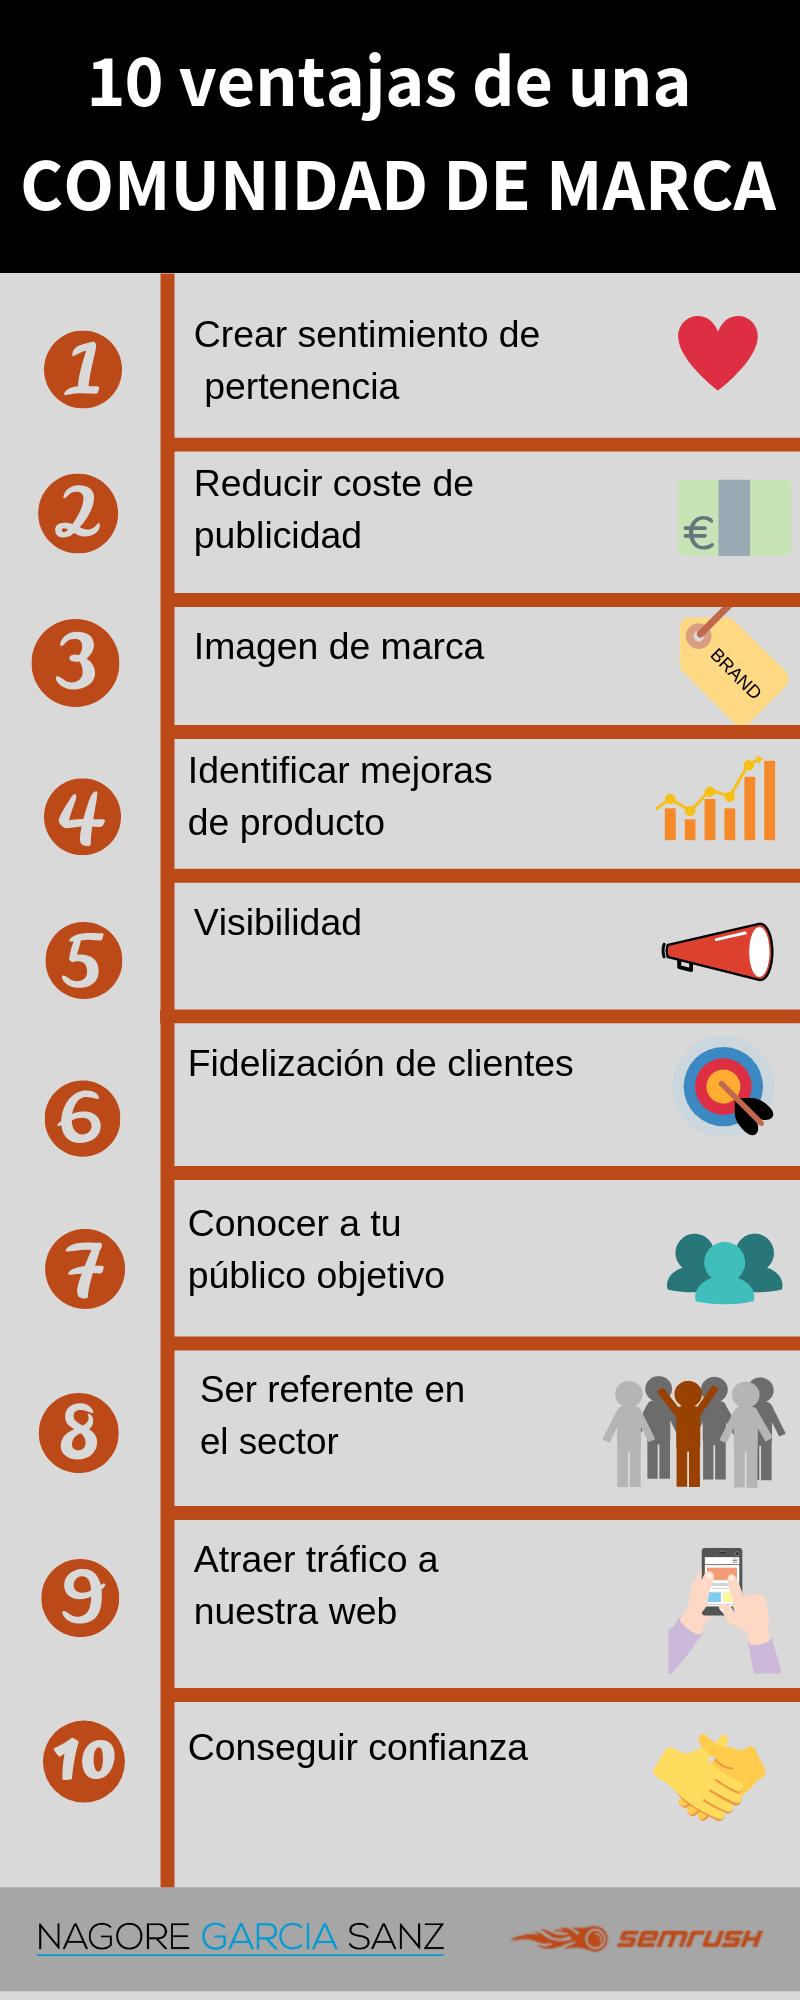 10 ventajas de una comunidad de marca - Infografía